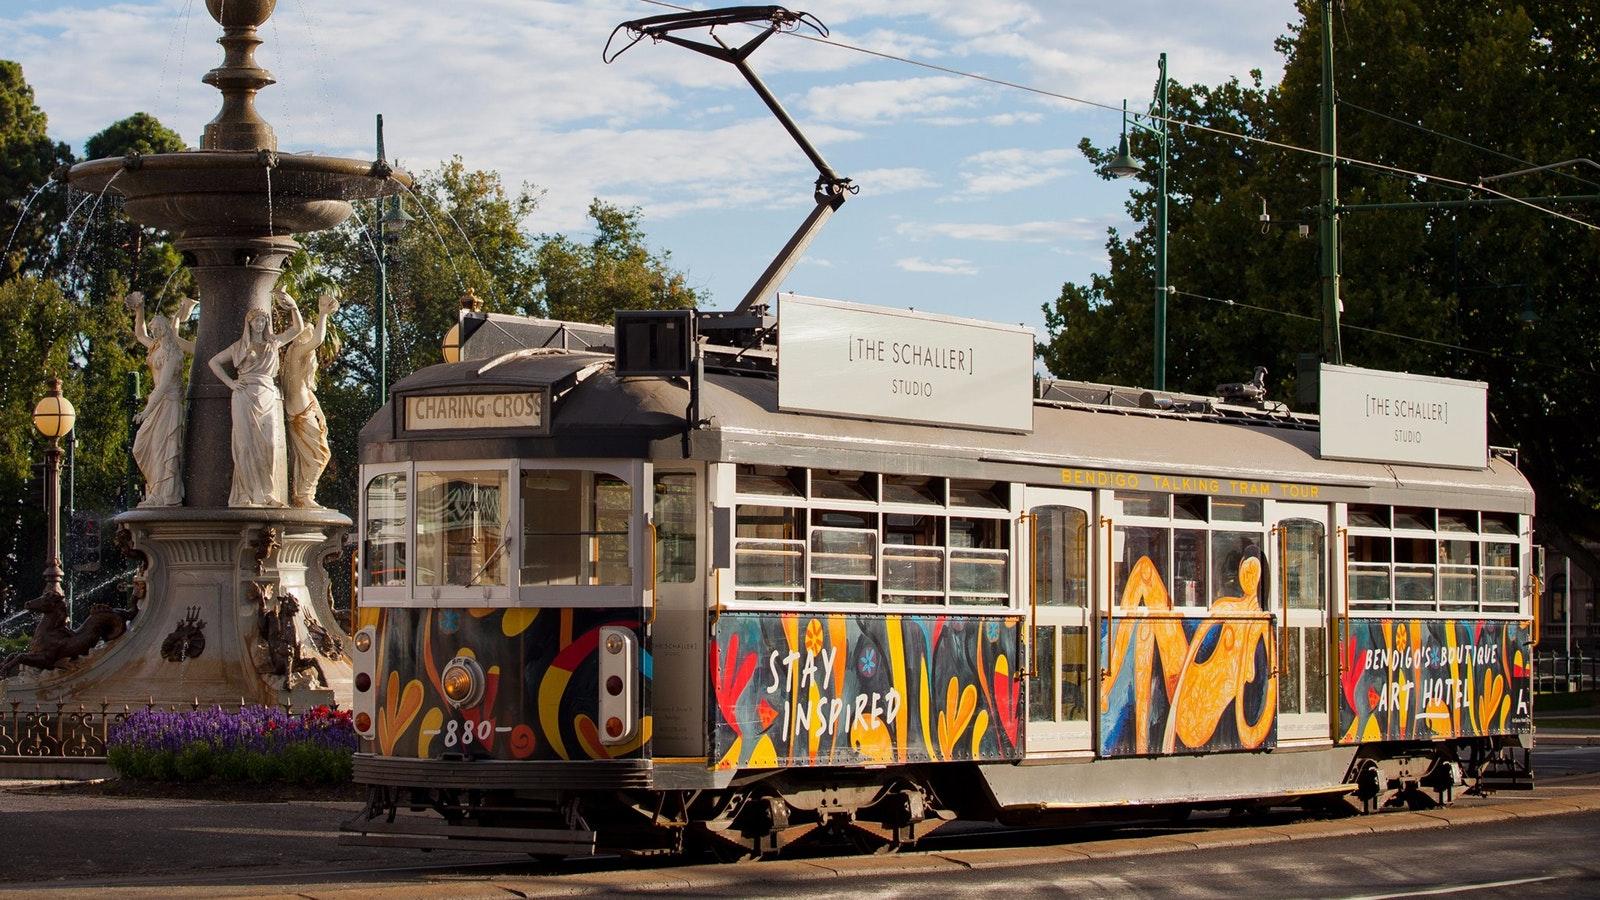 Bendigo Tramways - Tram No. 880